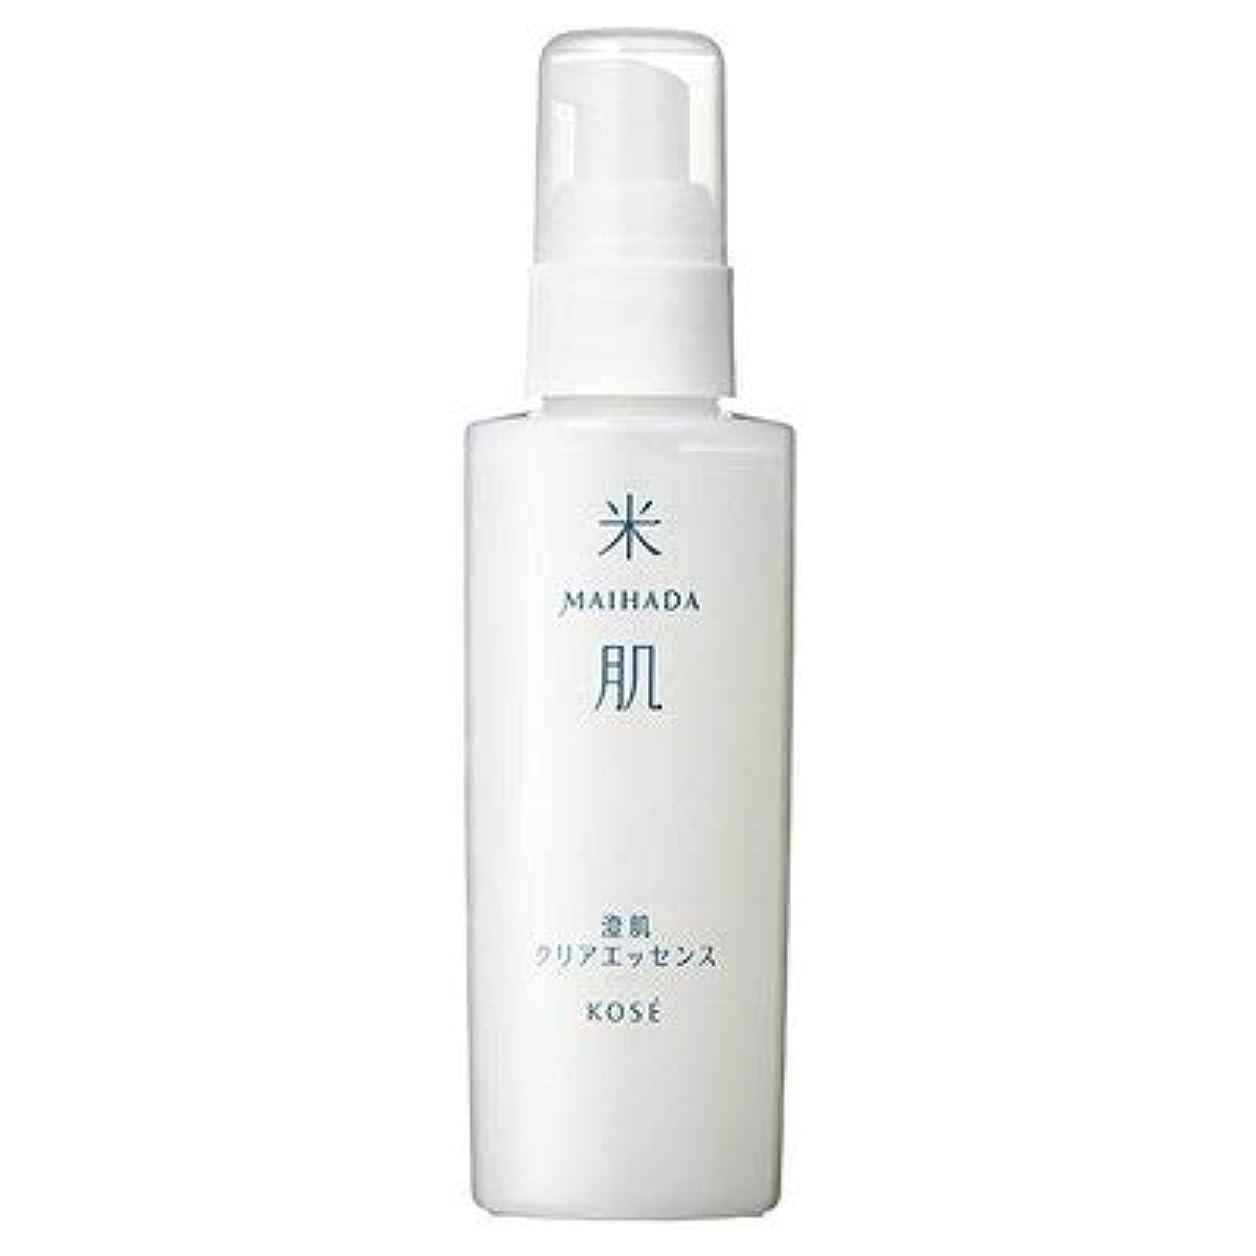 虎悲観的技術的な米肌 澄肌クリアエッセンス(本体/無香料) 美容液